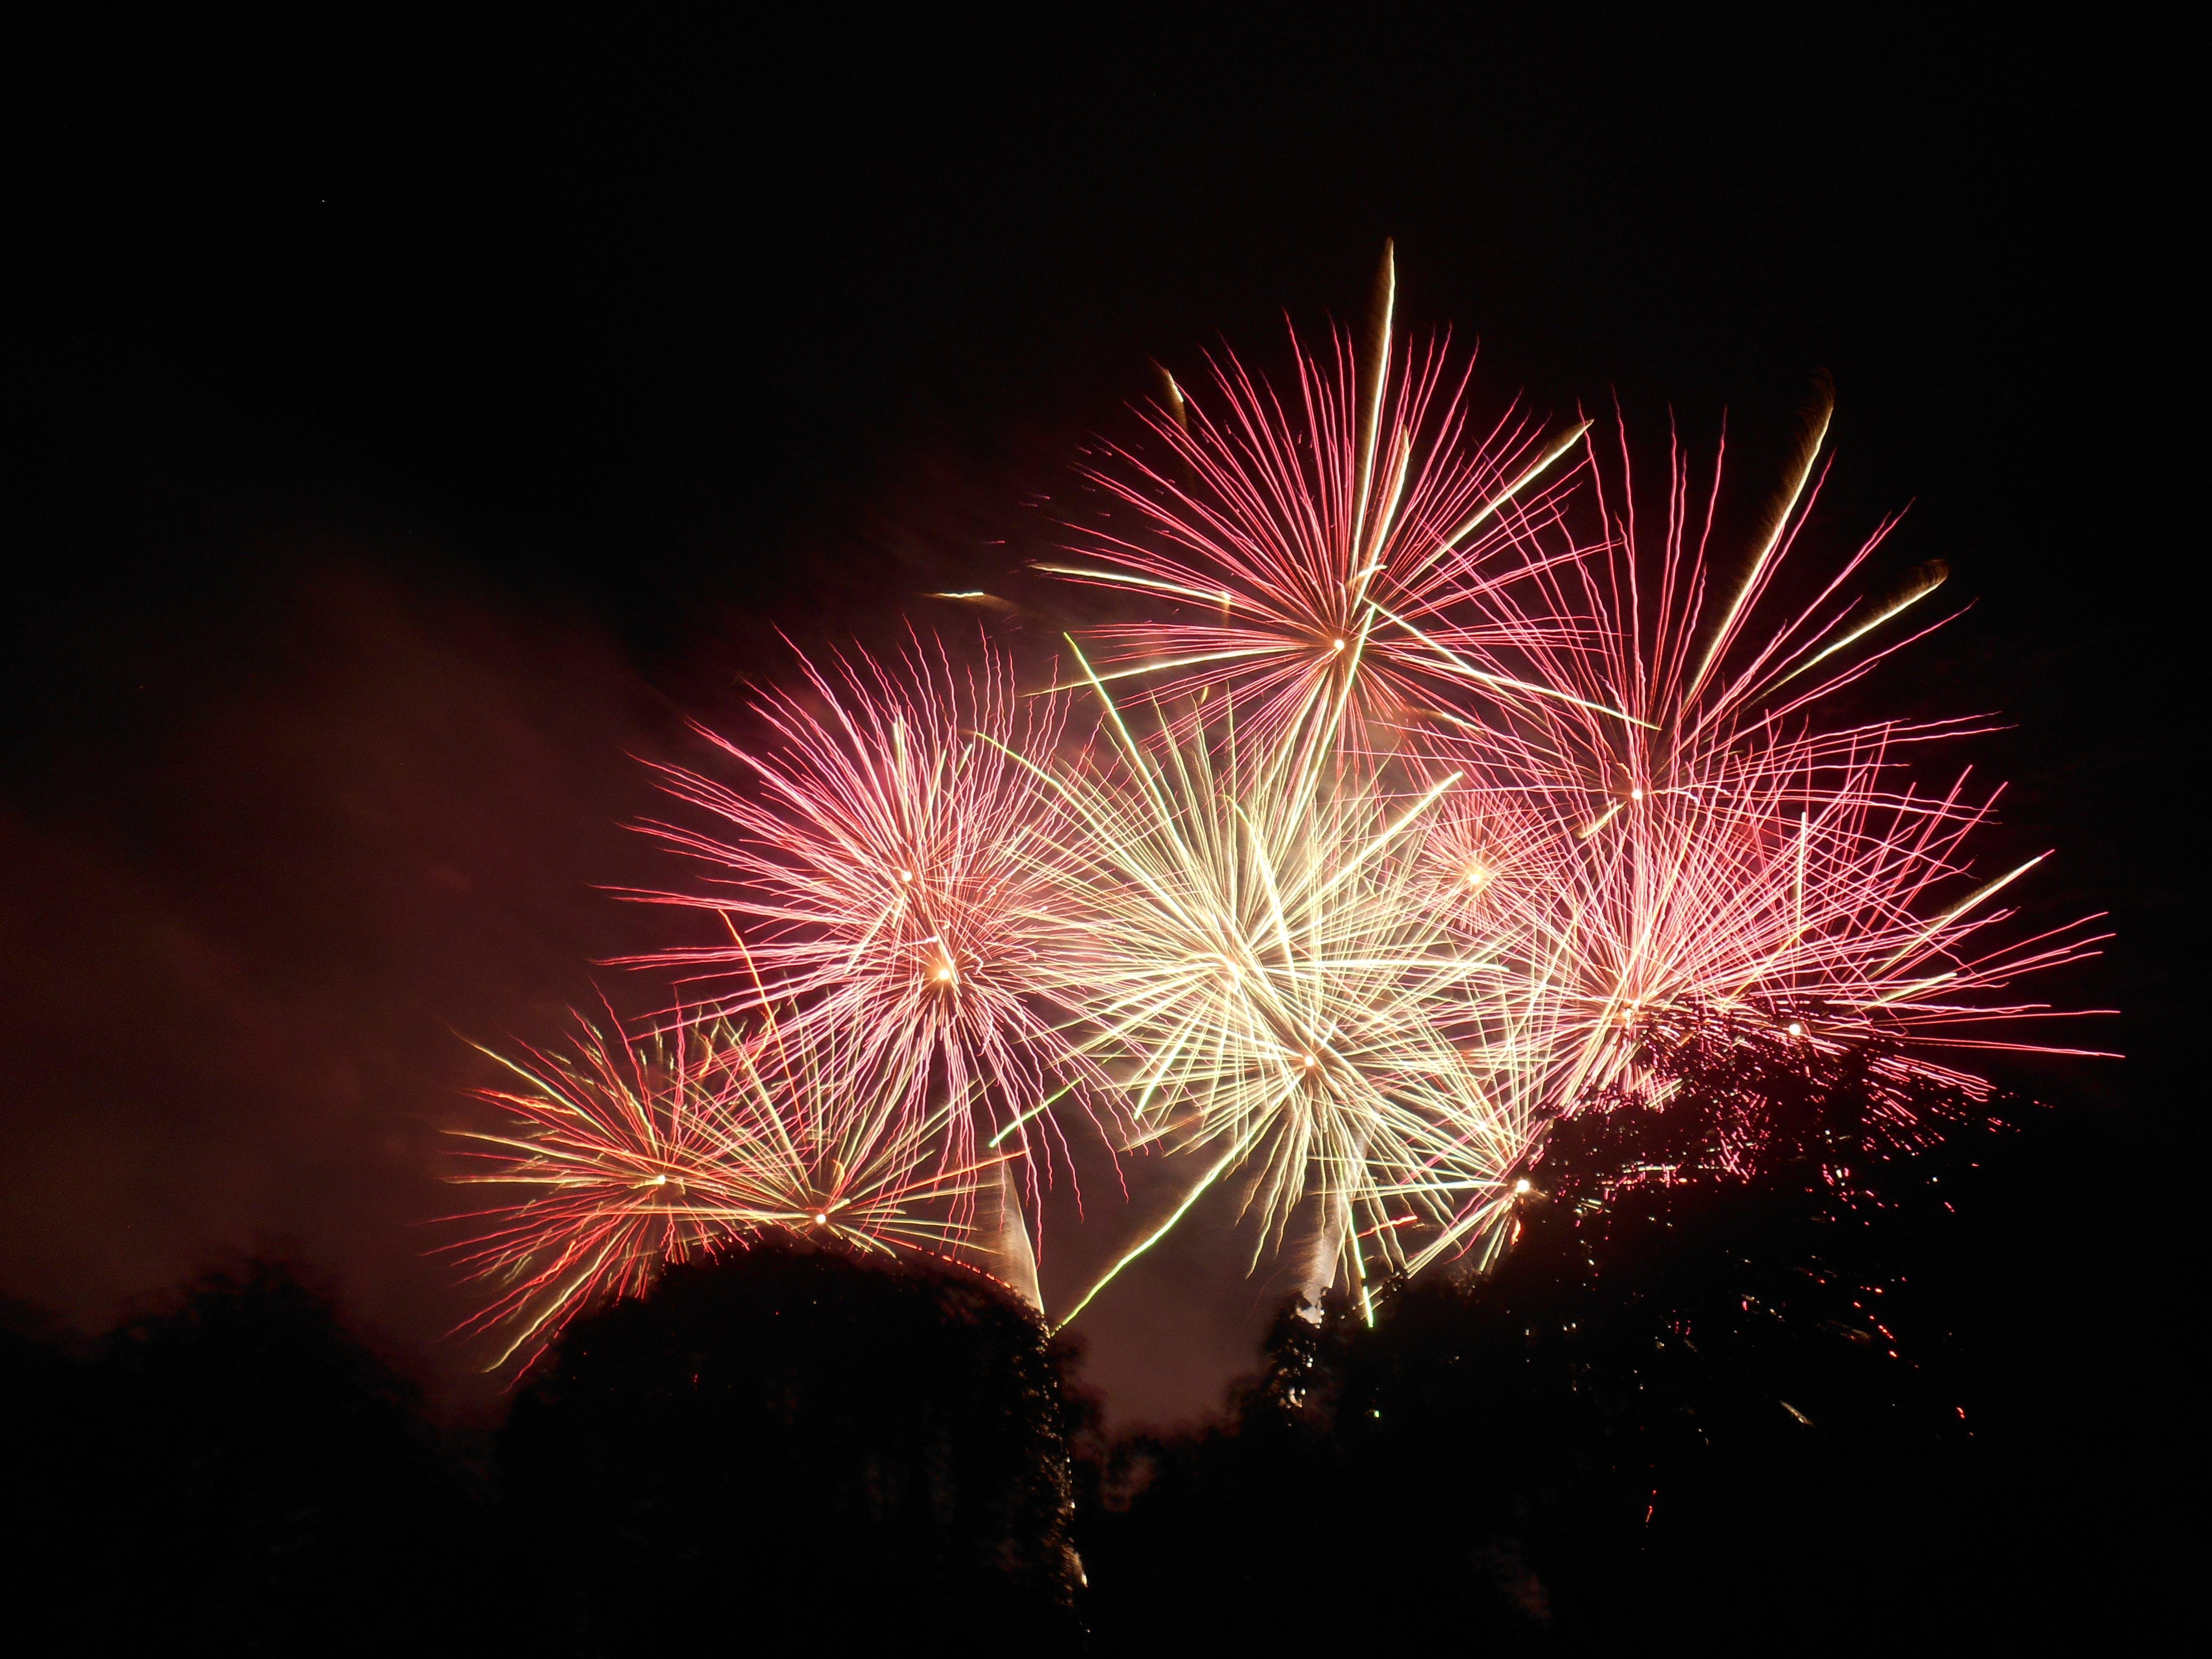 Kostnadsfri bild av blixt, explodera, explosion, färg